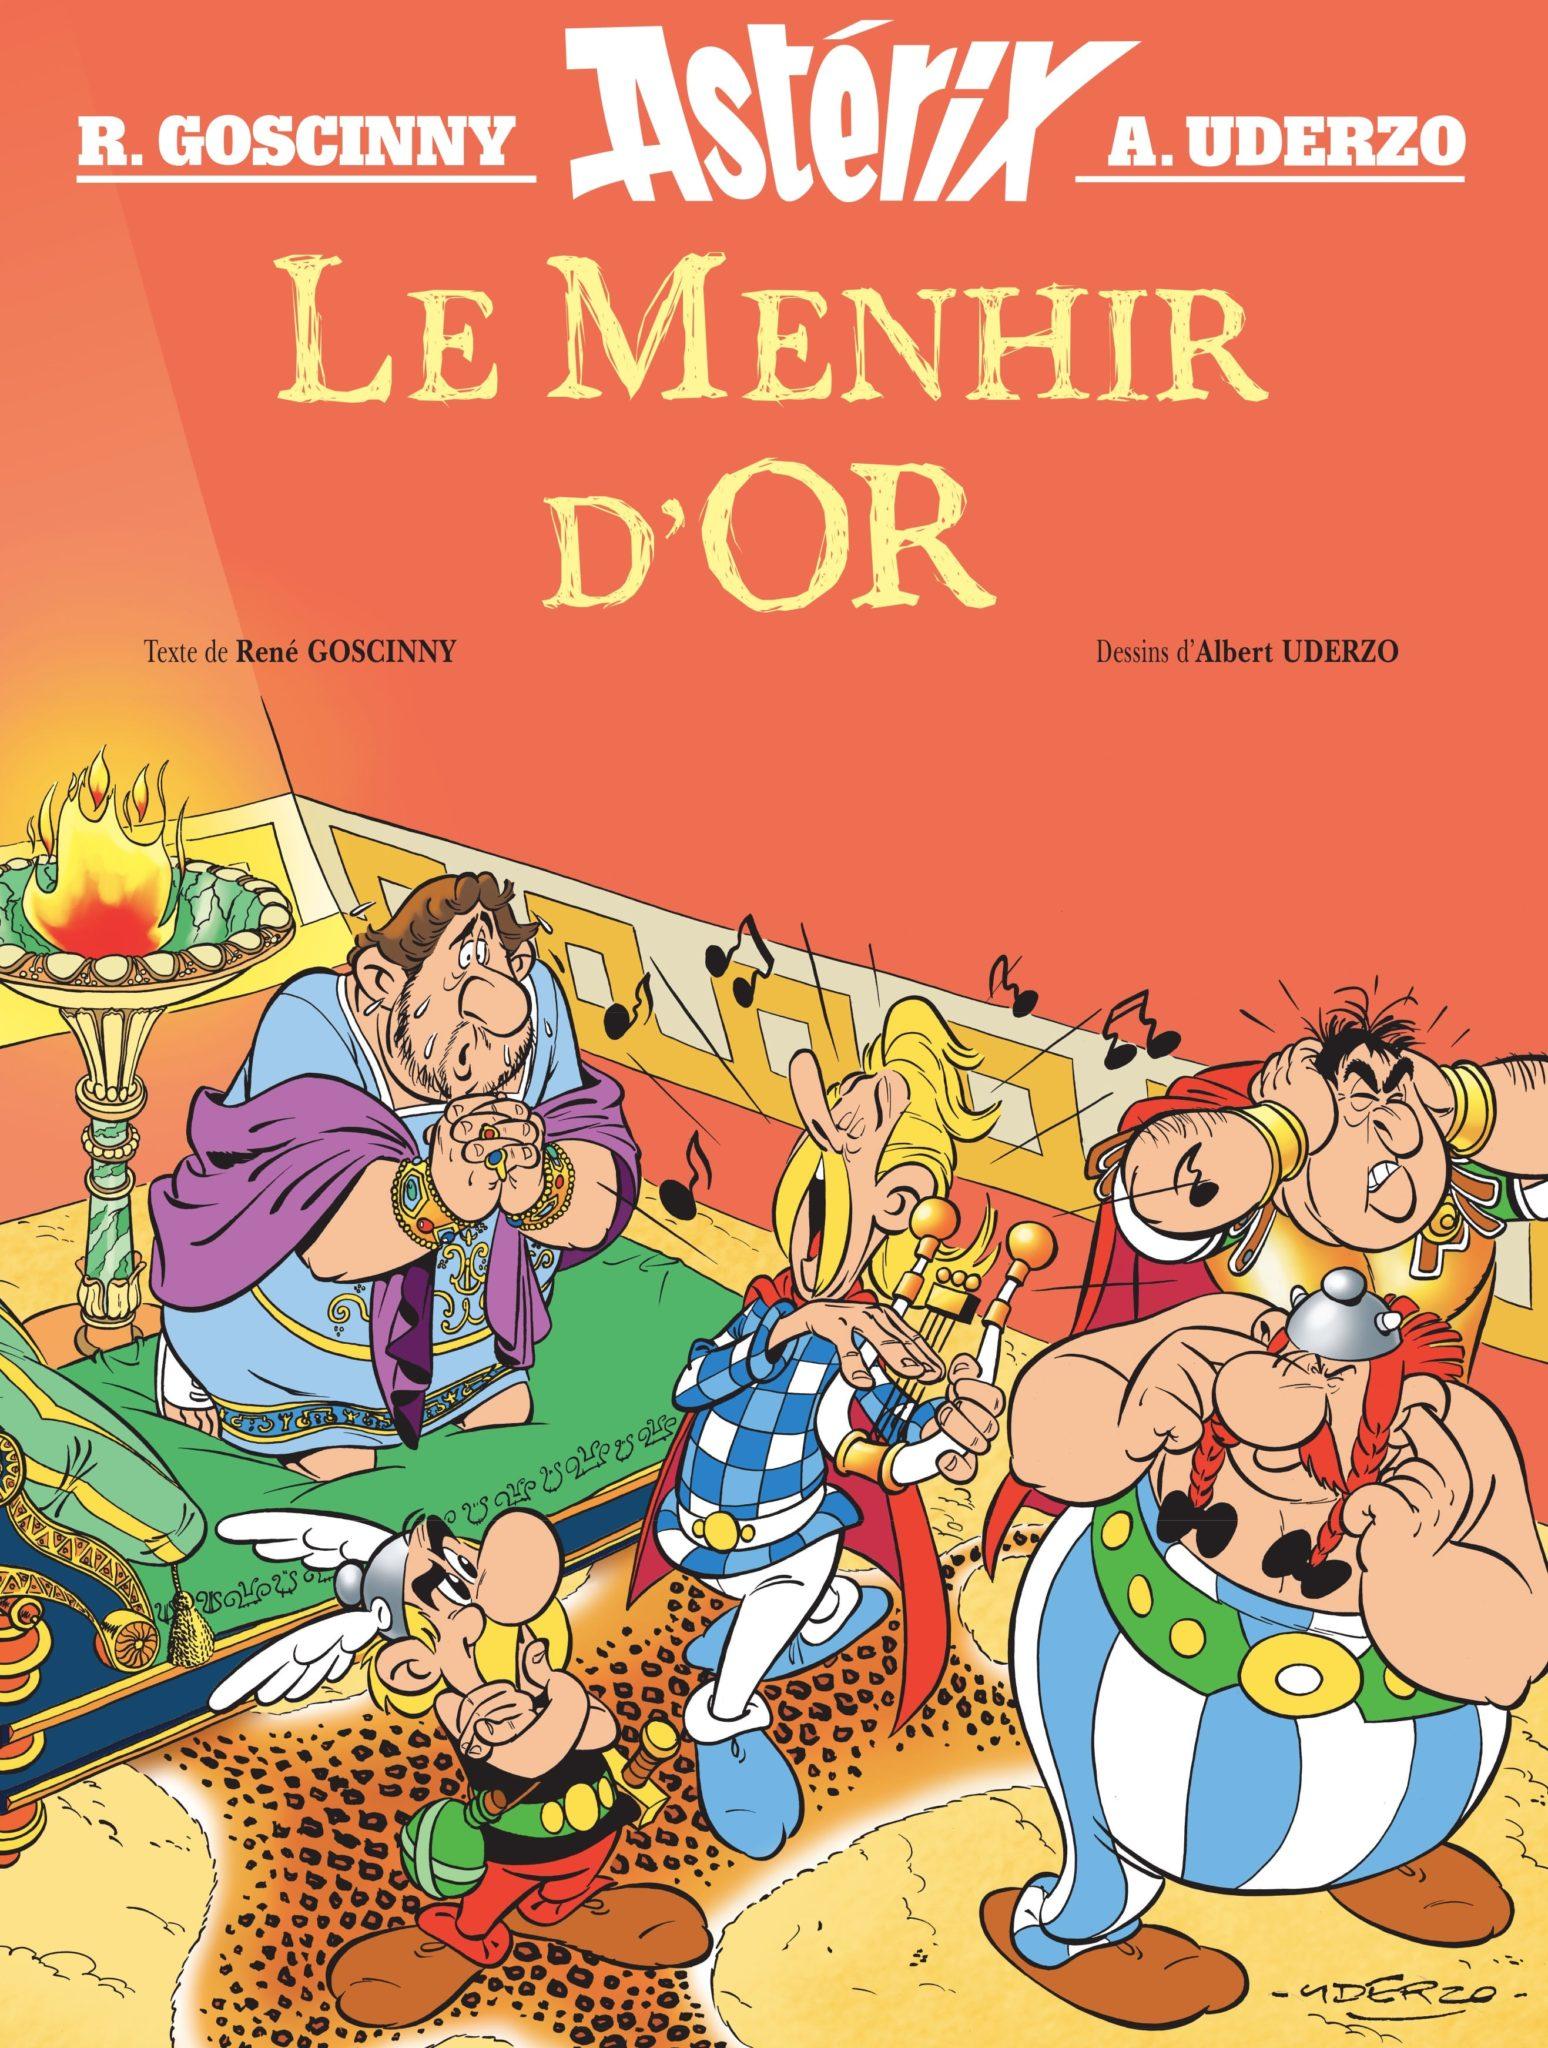 Astérix - Le Menhir d'or de René Goscinny et Albert Uderzo couverture BD